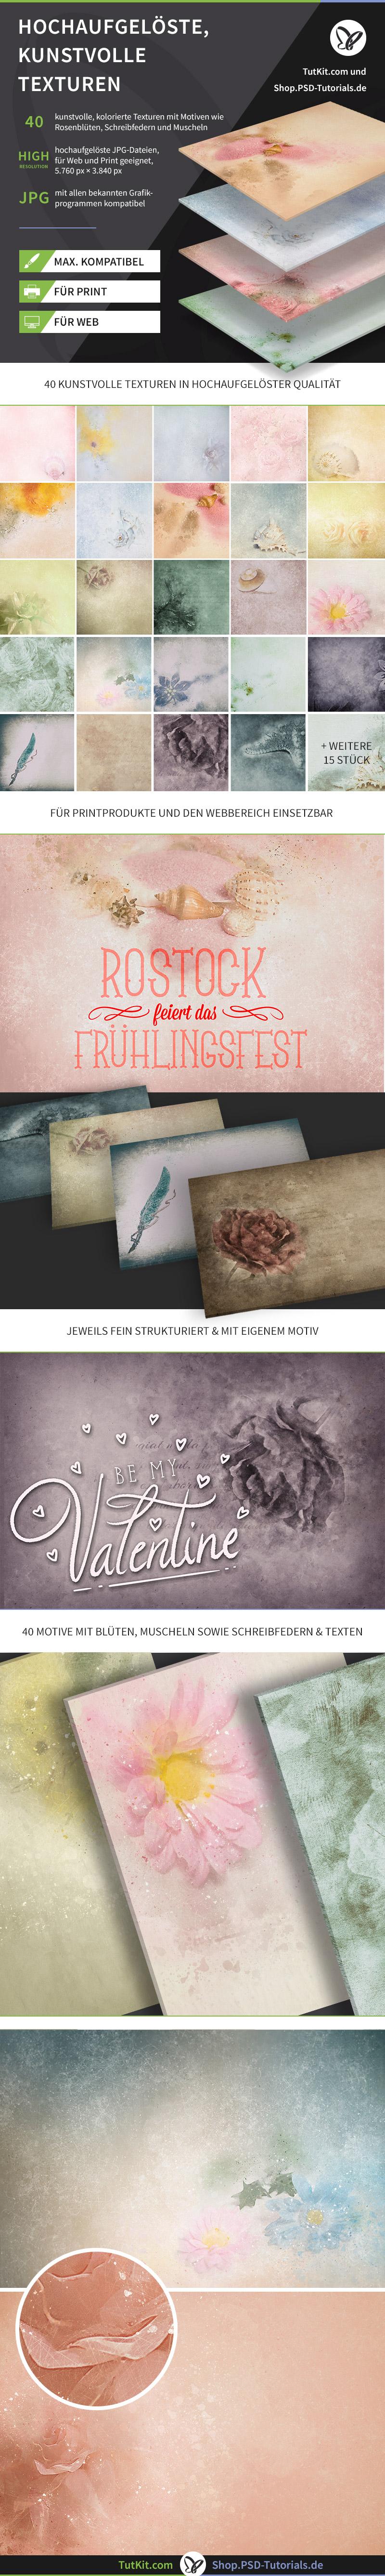 Überblick zum Paket Schöne, kunstvolle Hintergrundbilder: Muschel- und Rosen-Bilder